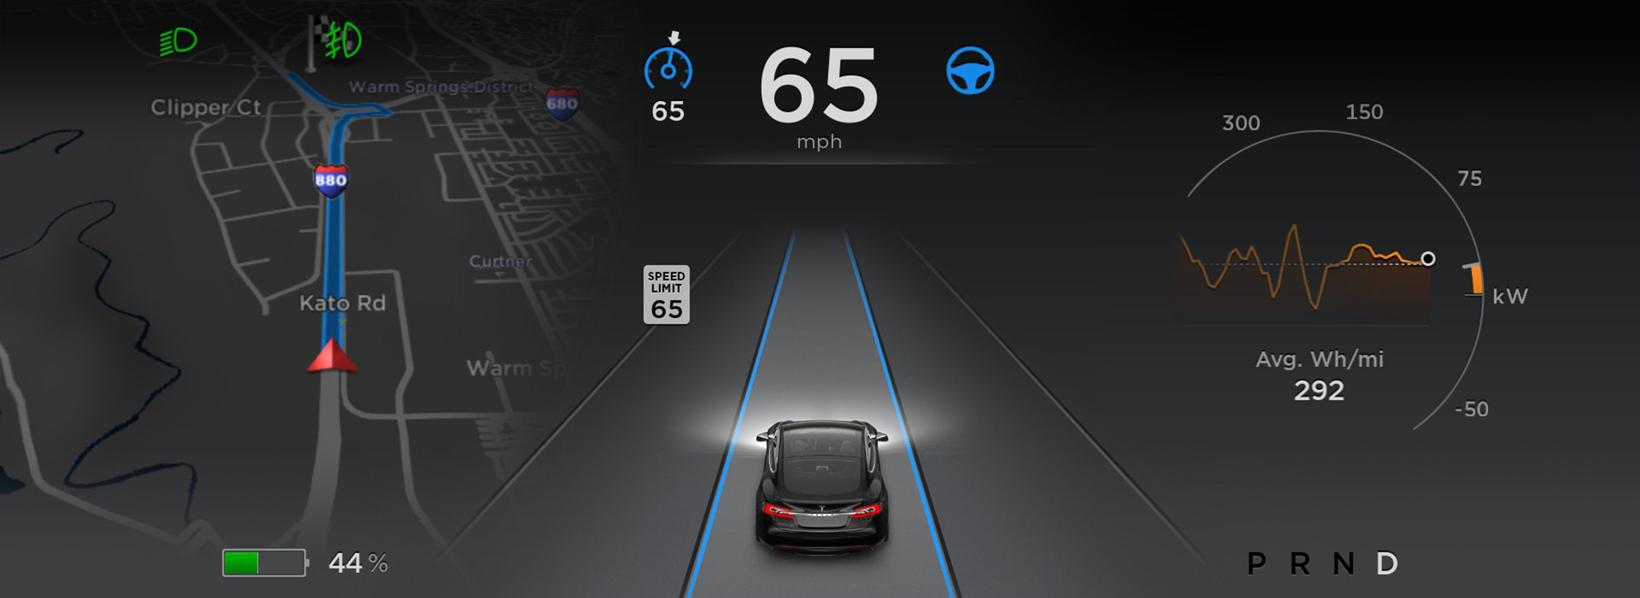 美国调查特斯拉致命事故 涉事车辆或使用高级驾驶辅助系统